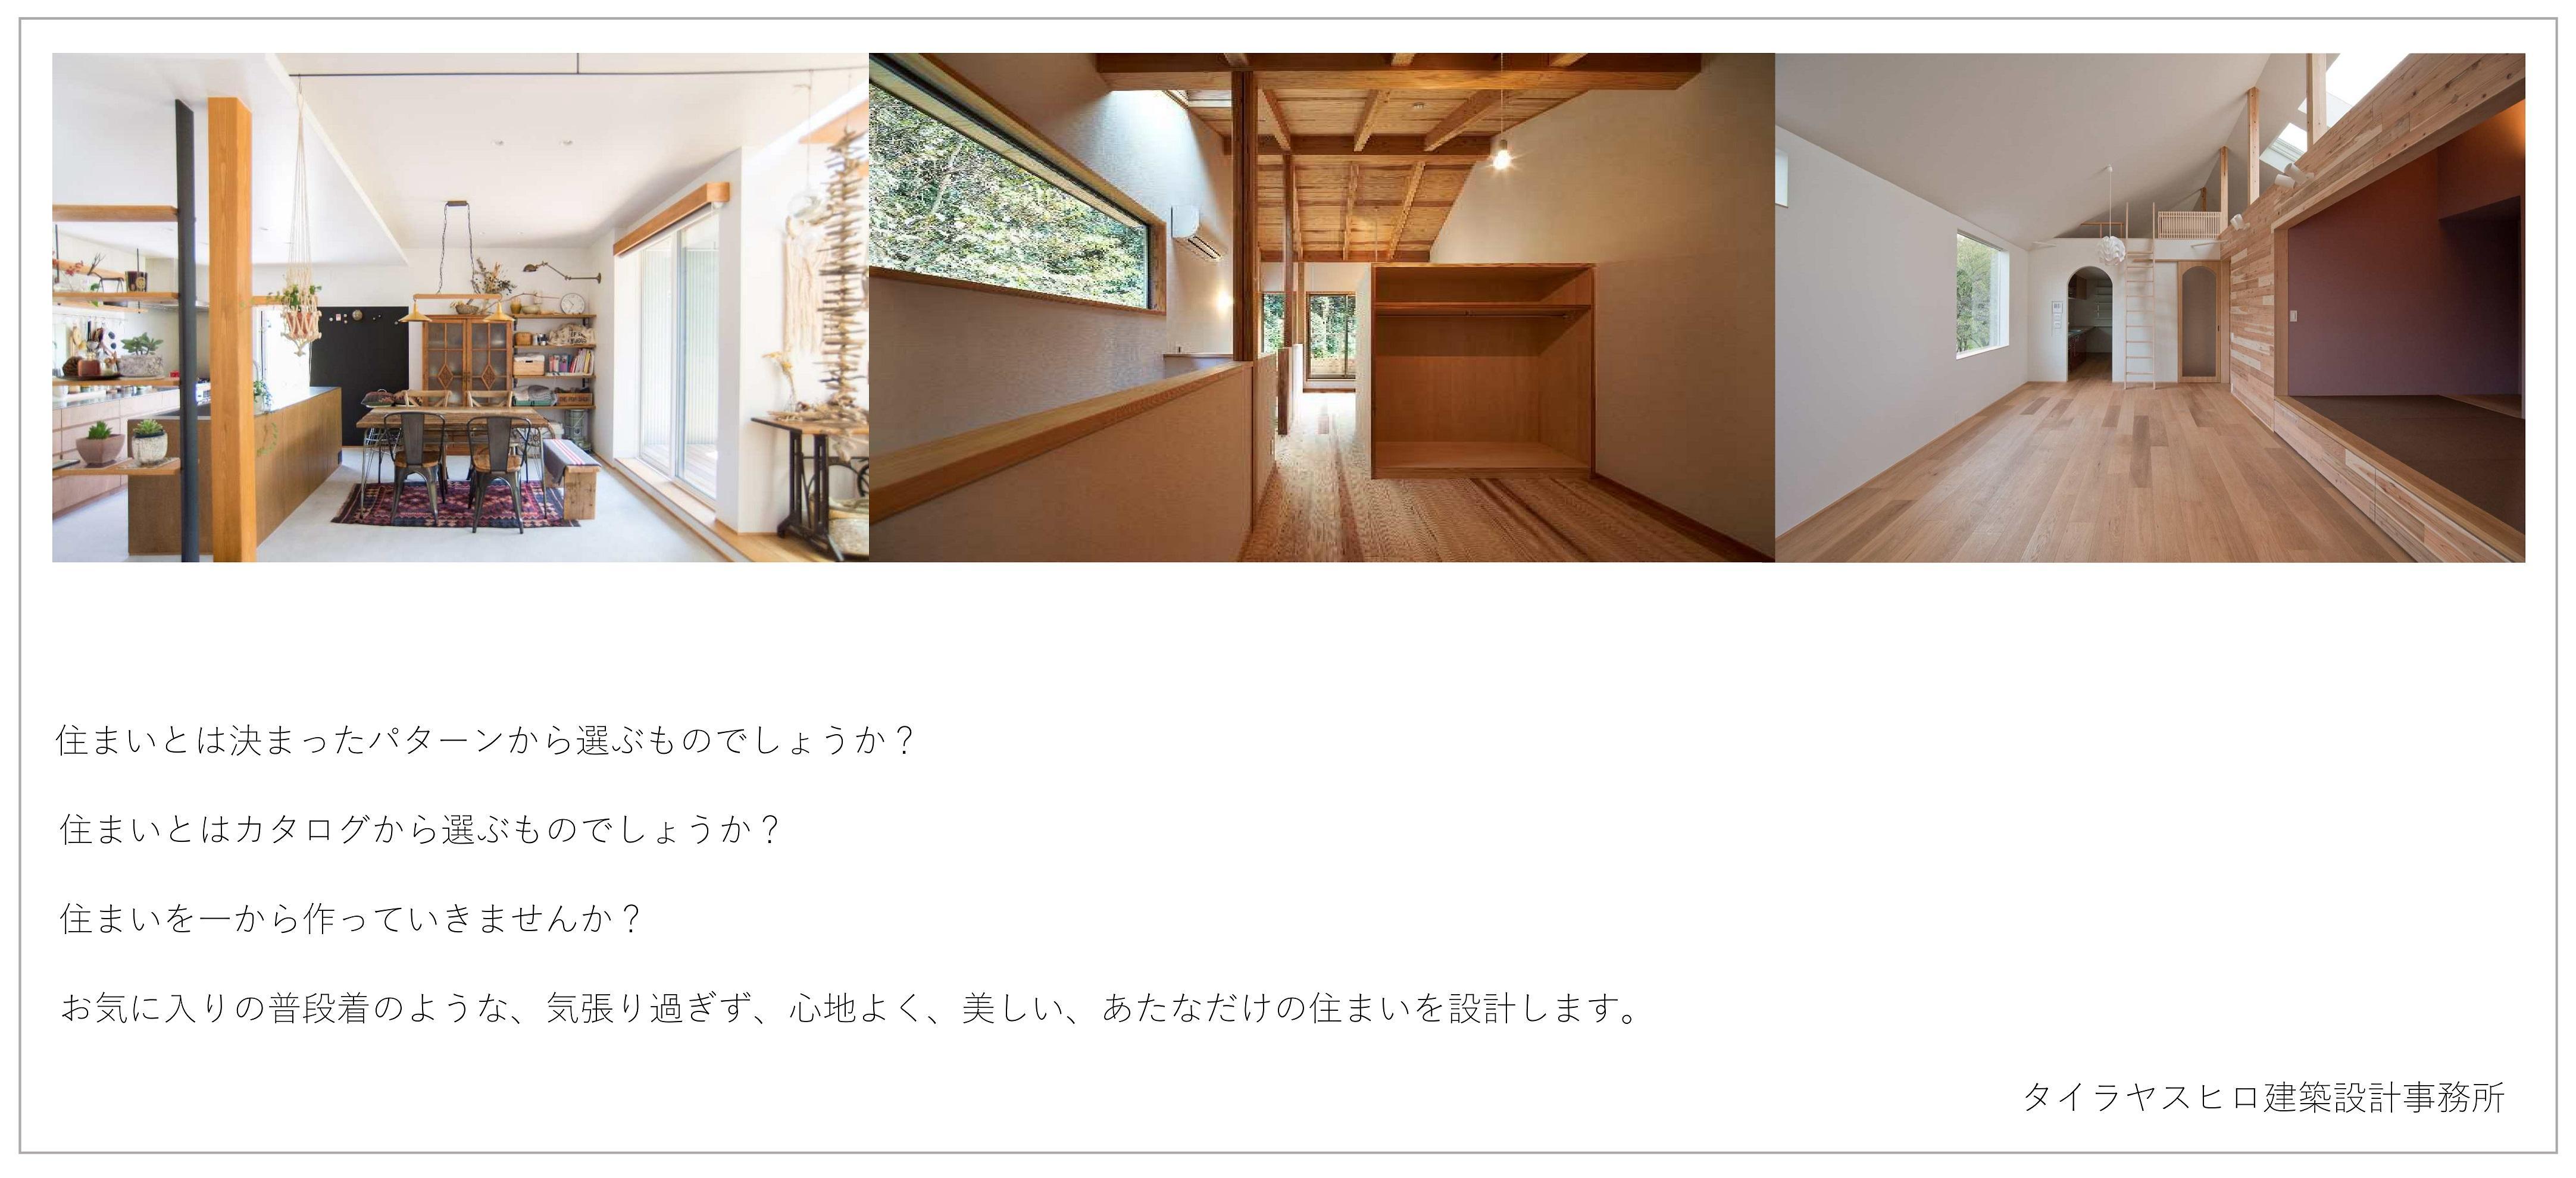 6月 2回目_設計相談会のお知らせ